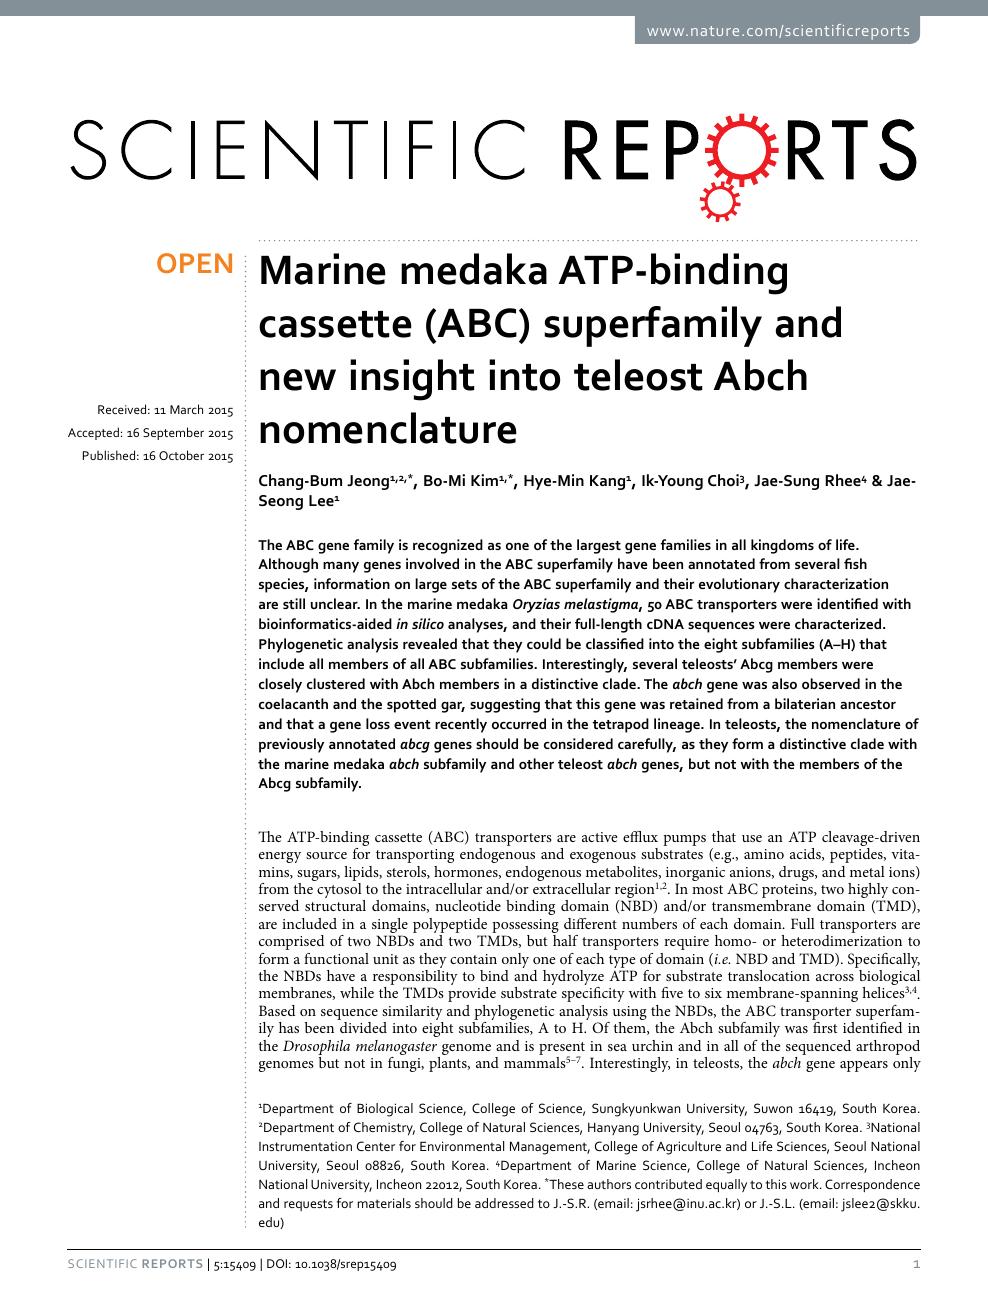 Marine medaka ATP-binding cassette (ABC) superfamily and new